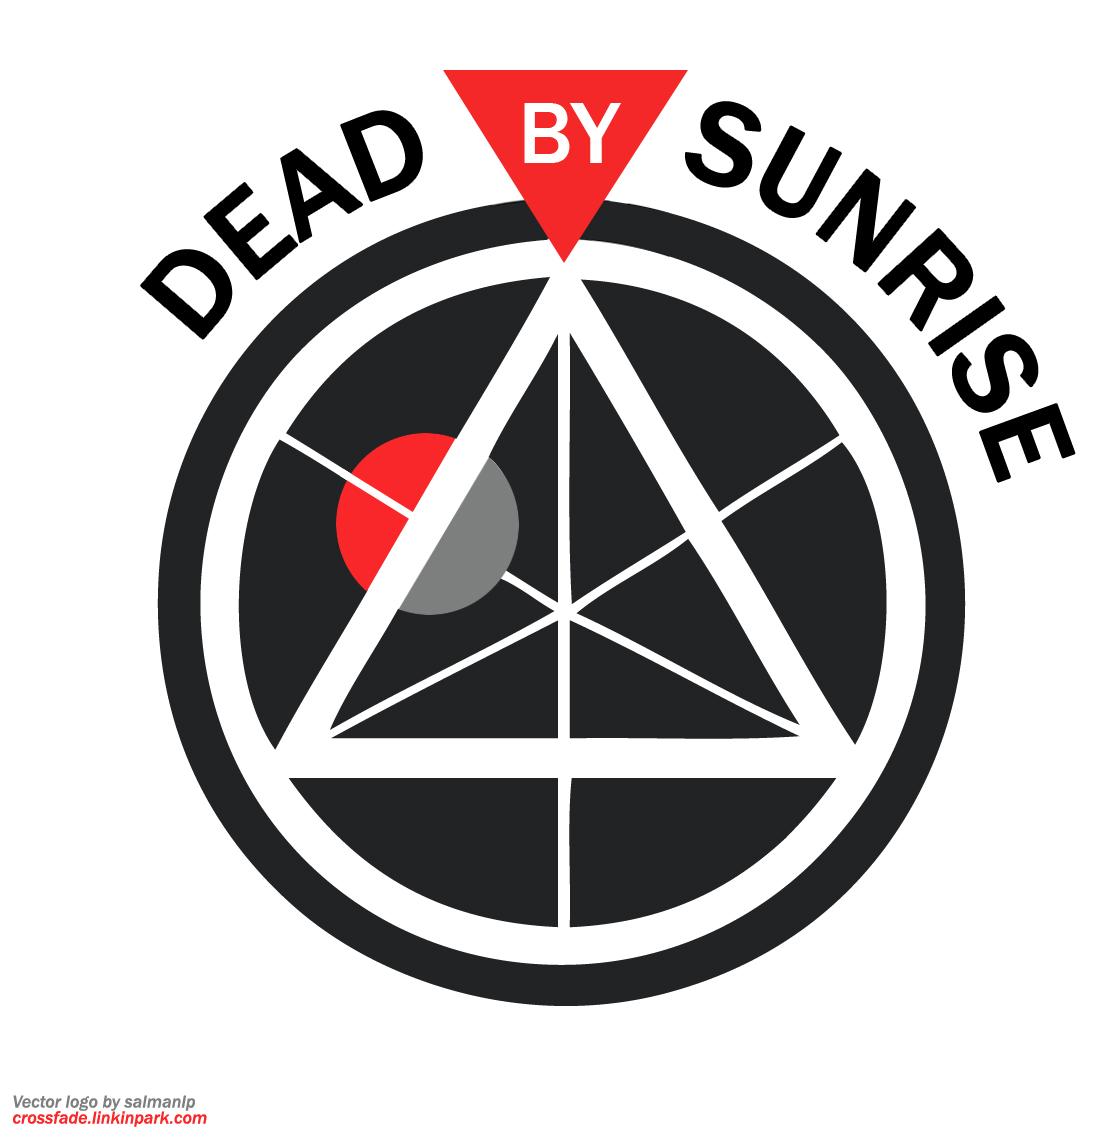 dead_by_sunrise_logo_hq_by_salmanlp.jpg